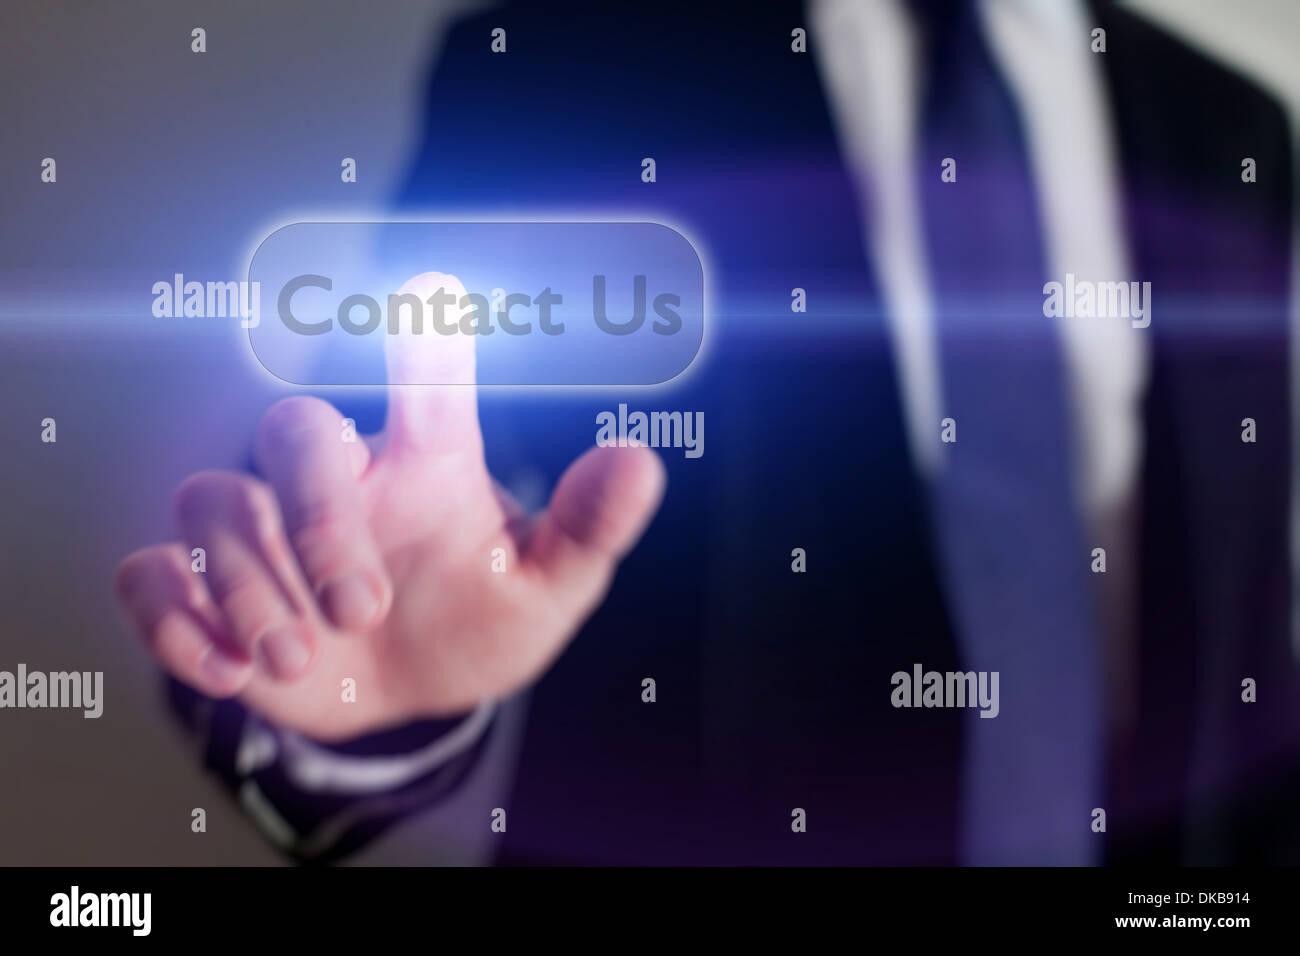 Contactez-nous bouton sur l'écran tactile Photo Stock